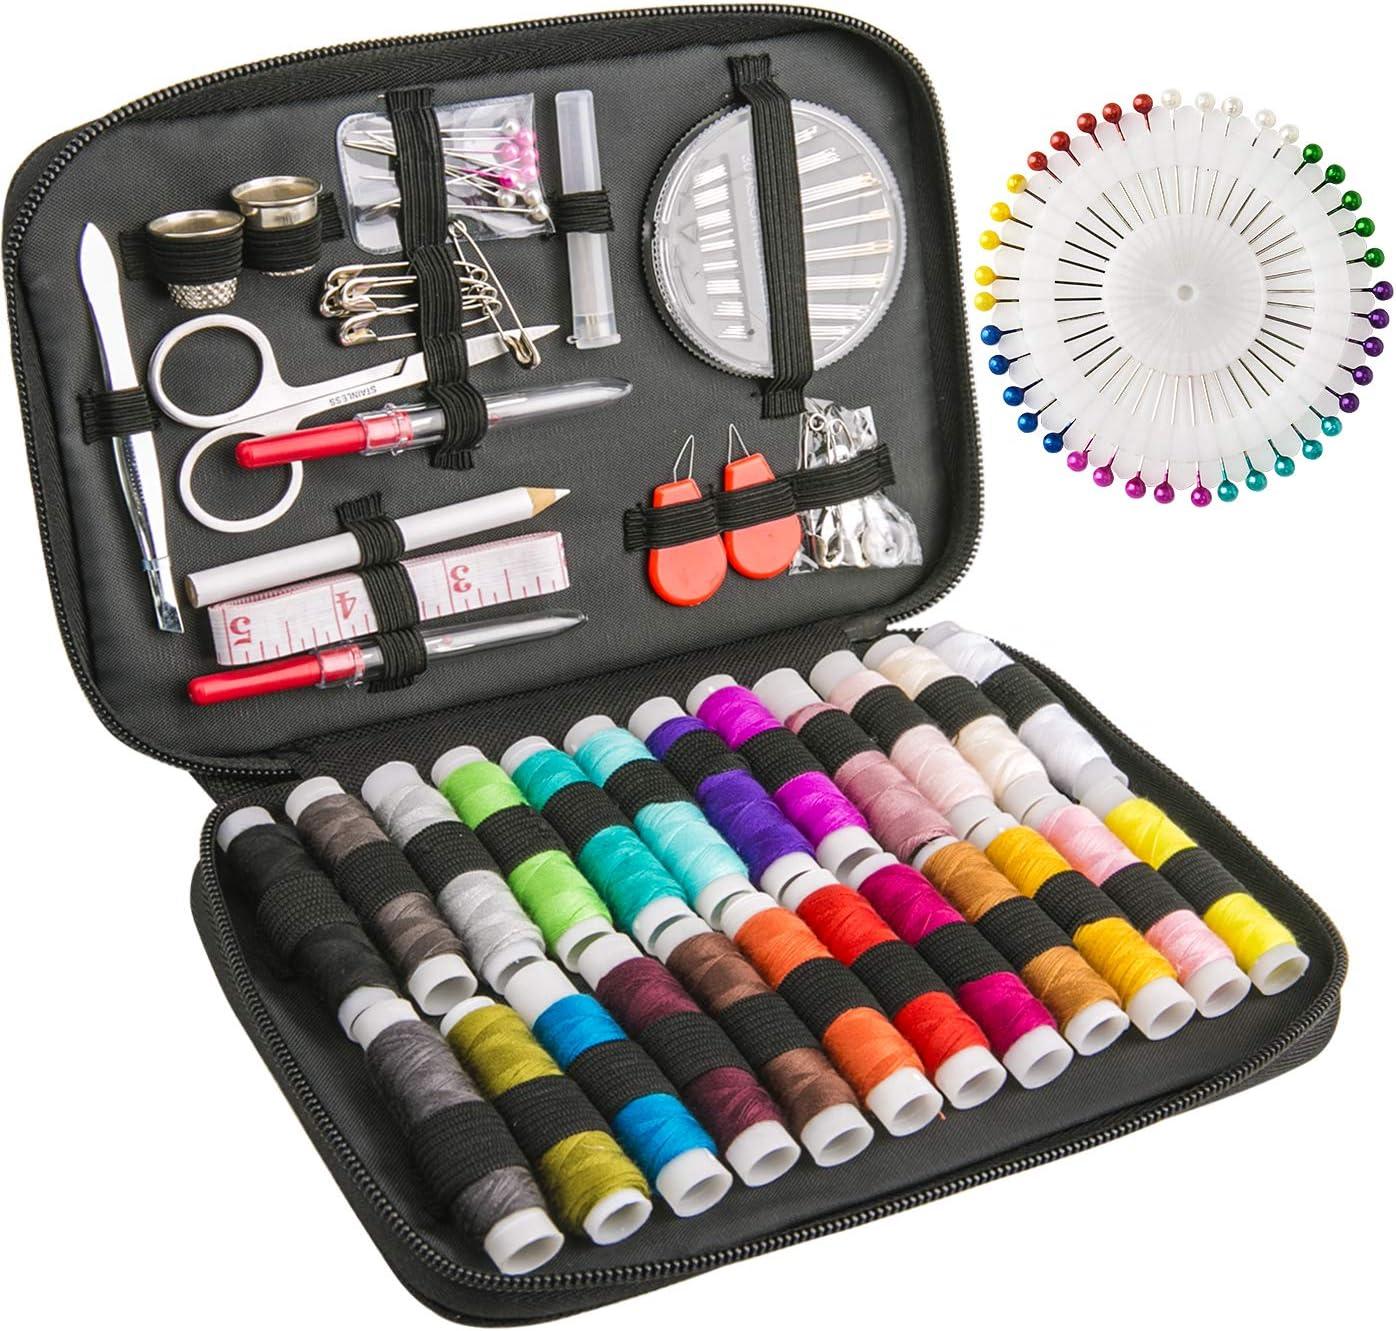 Luxebell Kit de Costura, 92 De Coser Accesorios, Portátil Casa De Coser Conjunto para Adulto Chicas, Mini Casa Costura Caja para Viajes a Domicilio y Uso de Emergencia